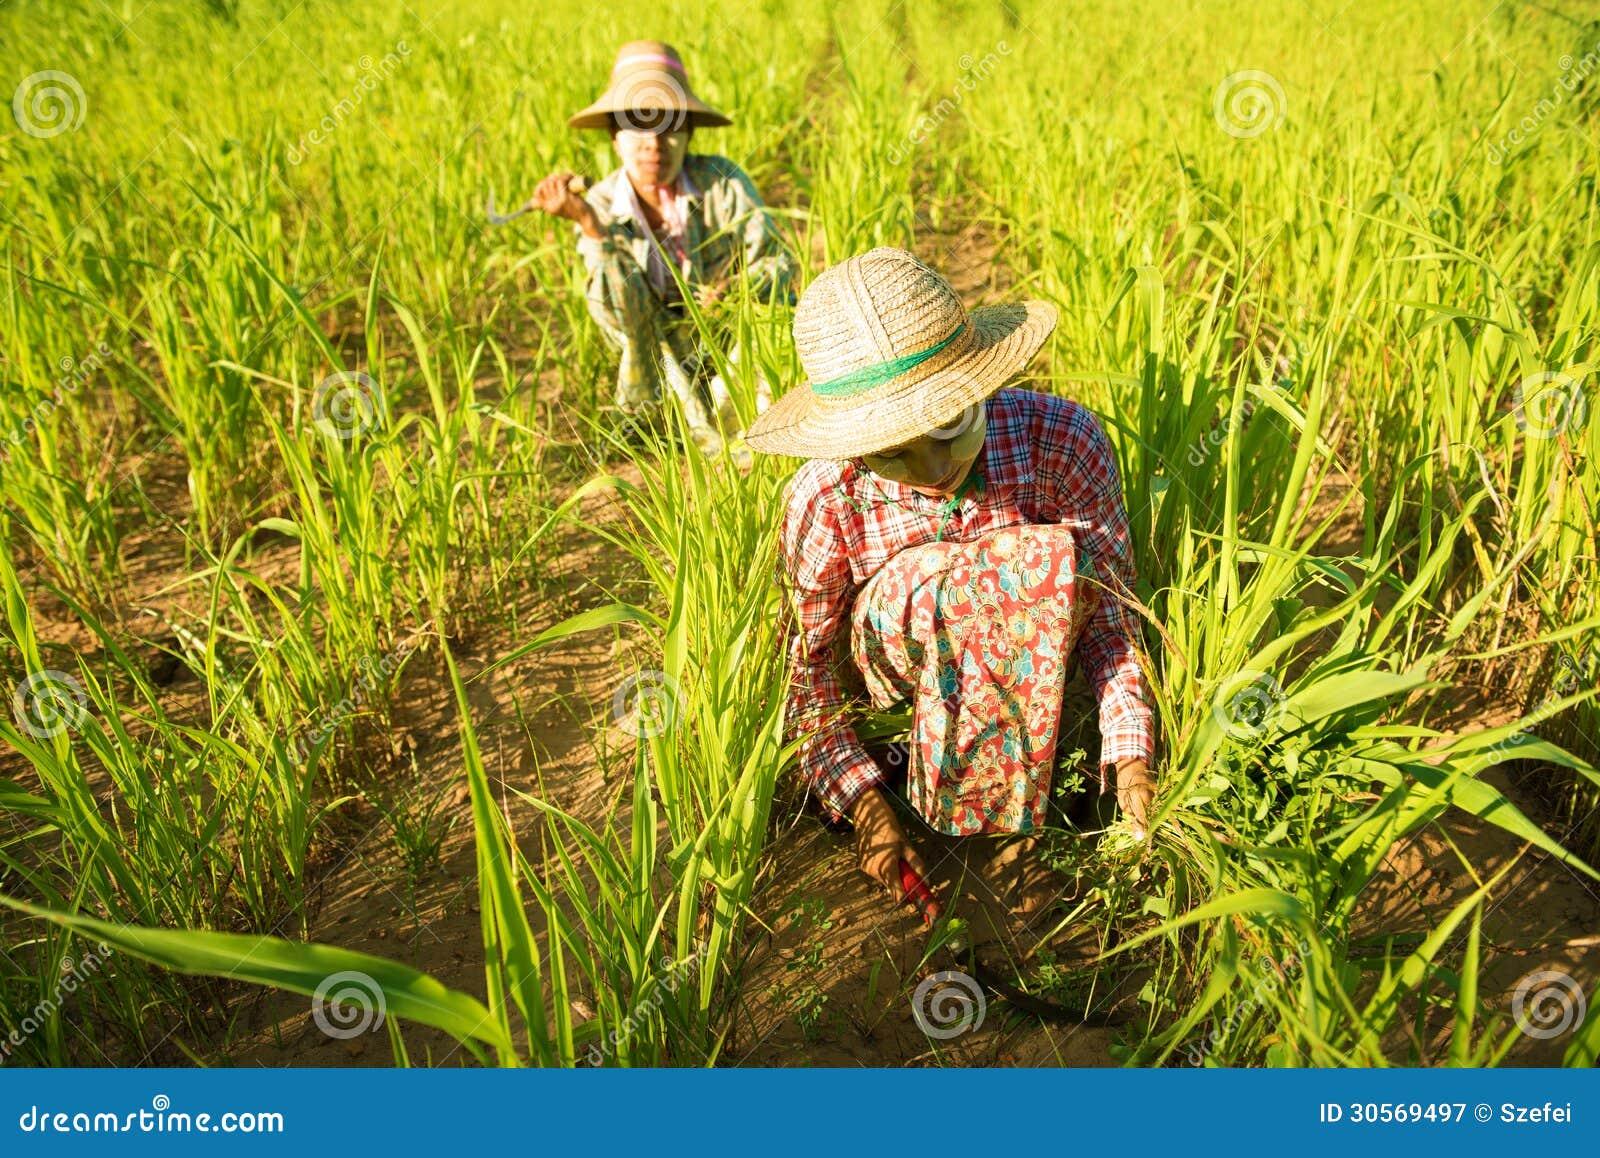 Традиционные азиатские фермеры